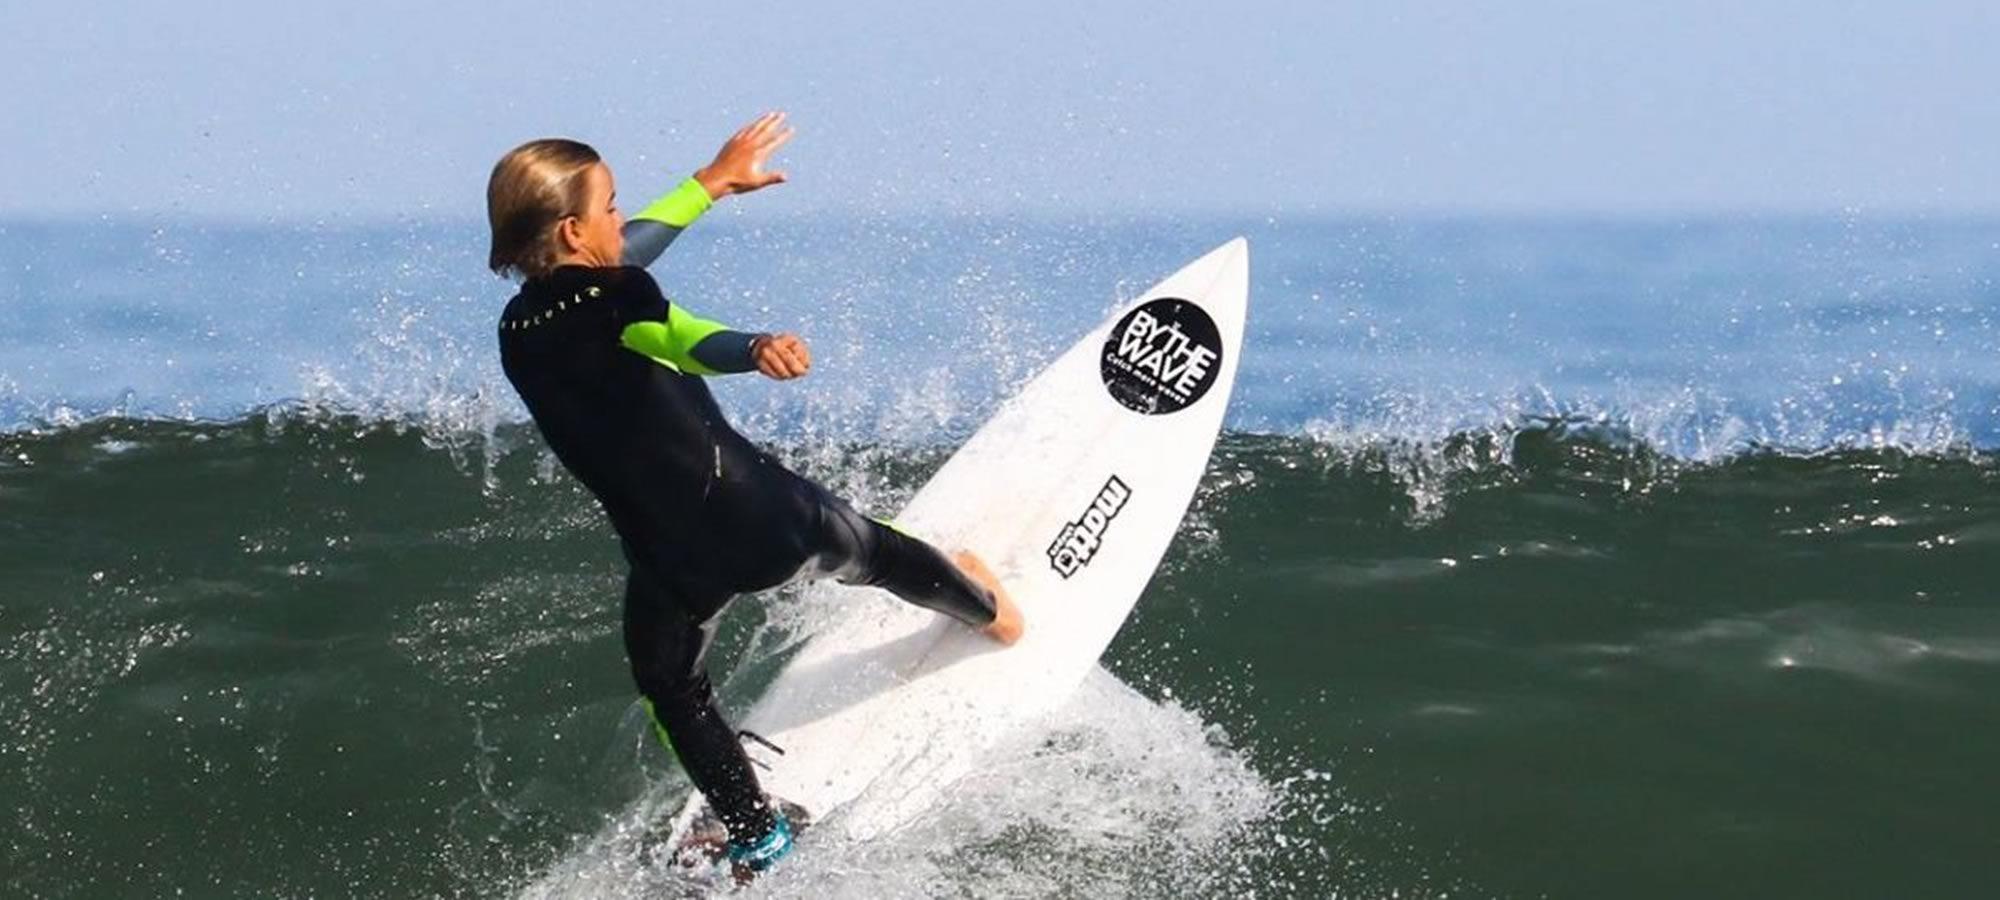 BYTHEWAVE - Energy - Surf - Yoga - Pilates - Ecole de Surf Messanges